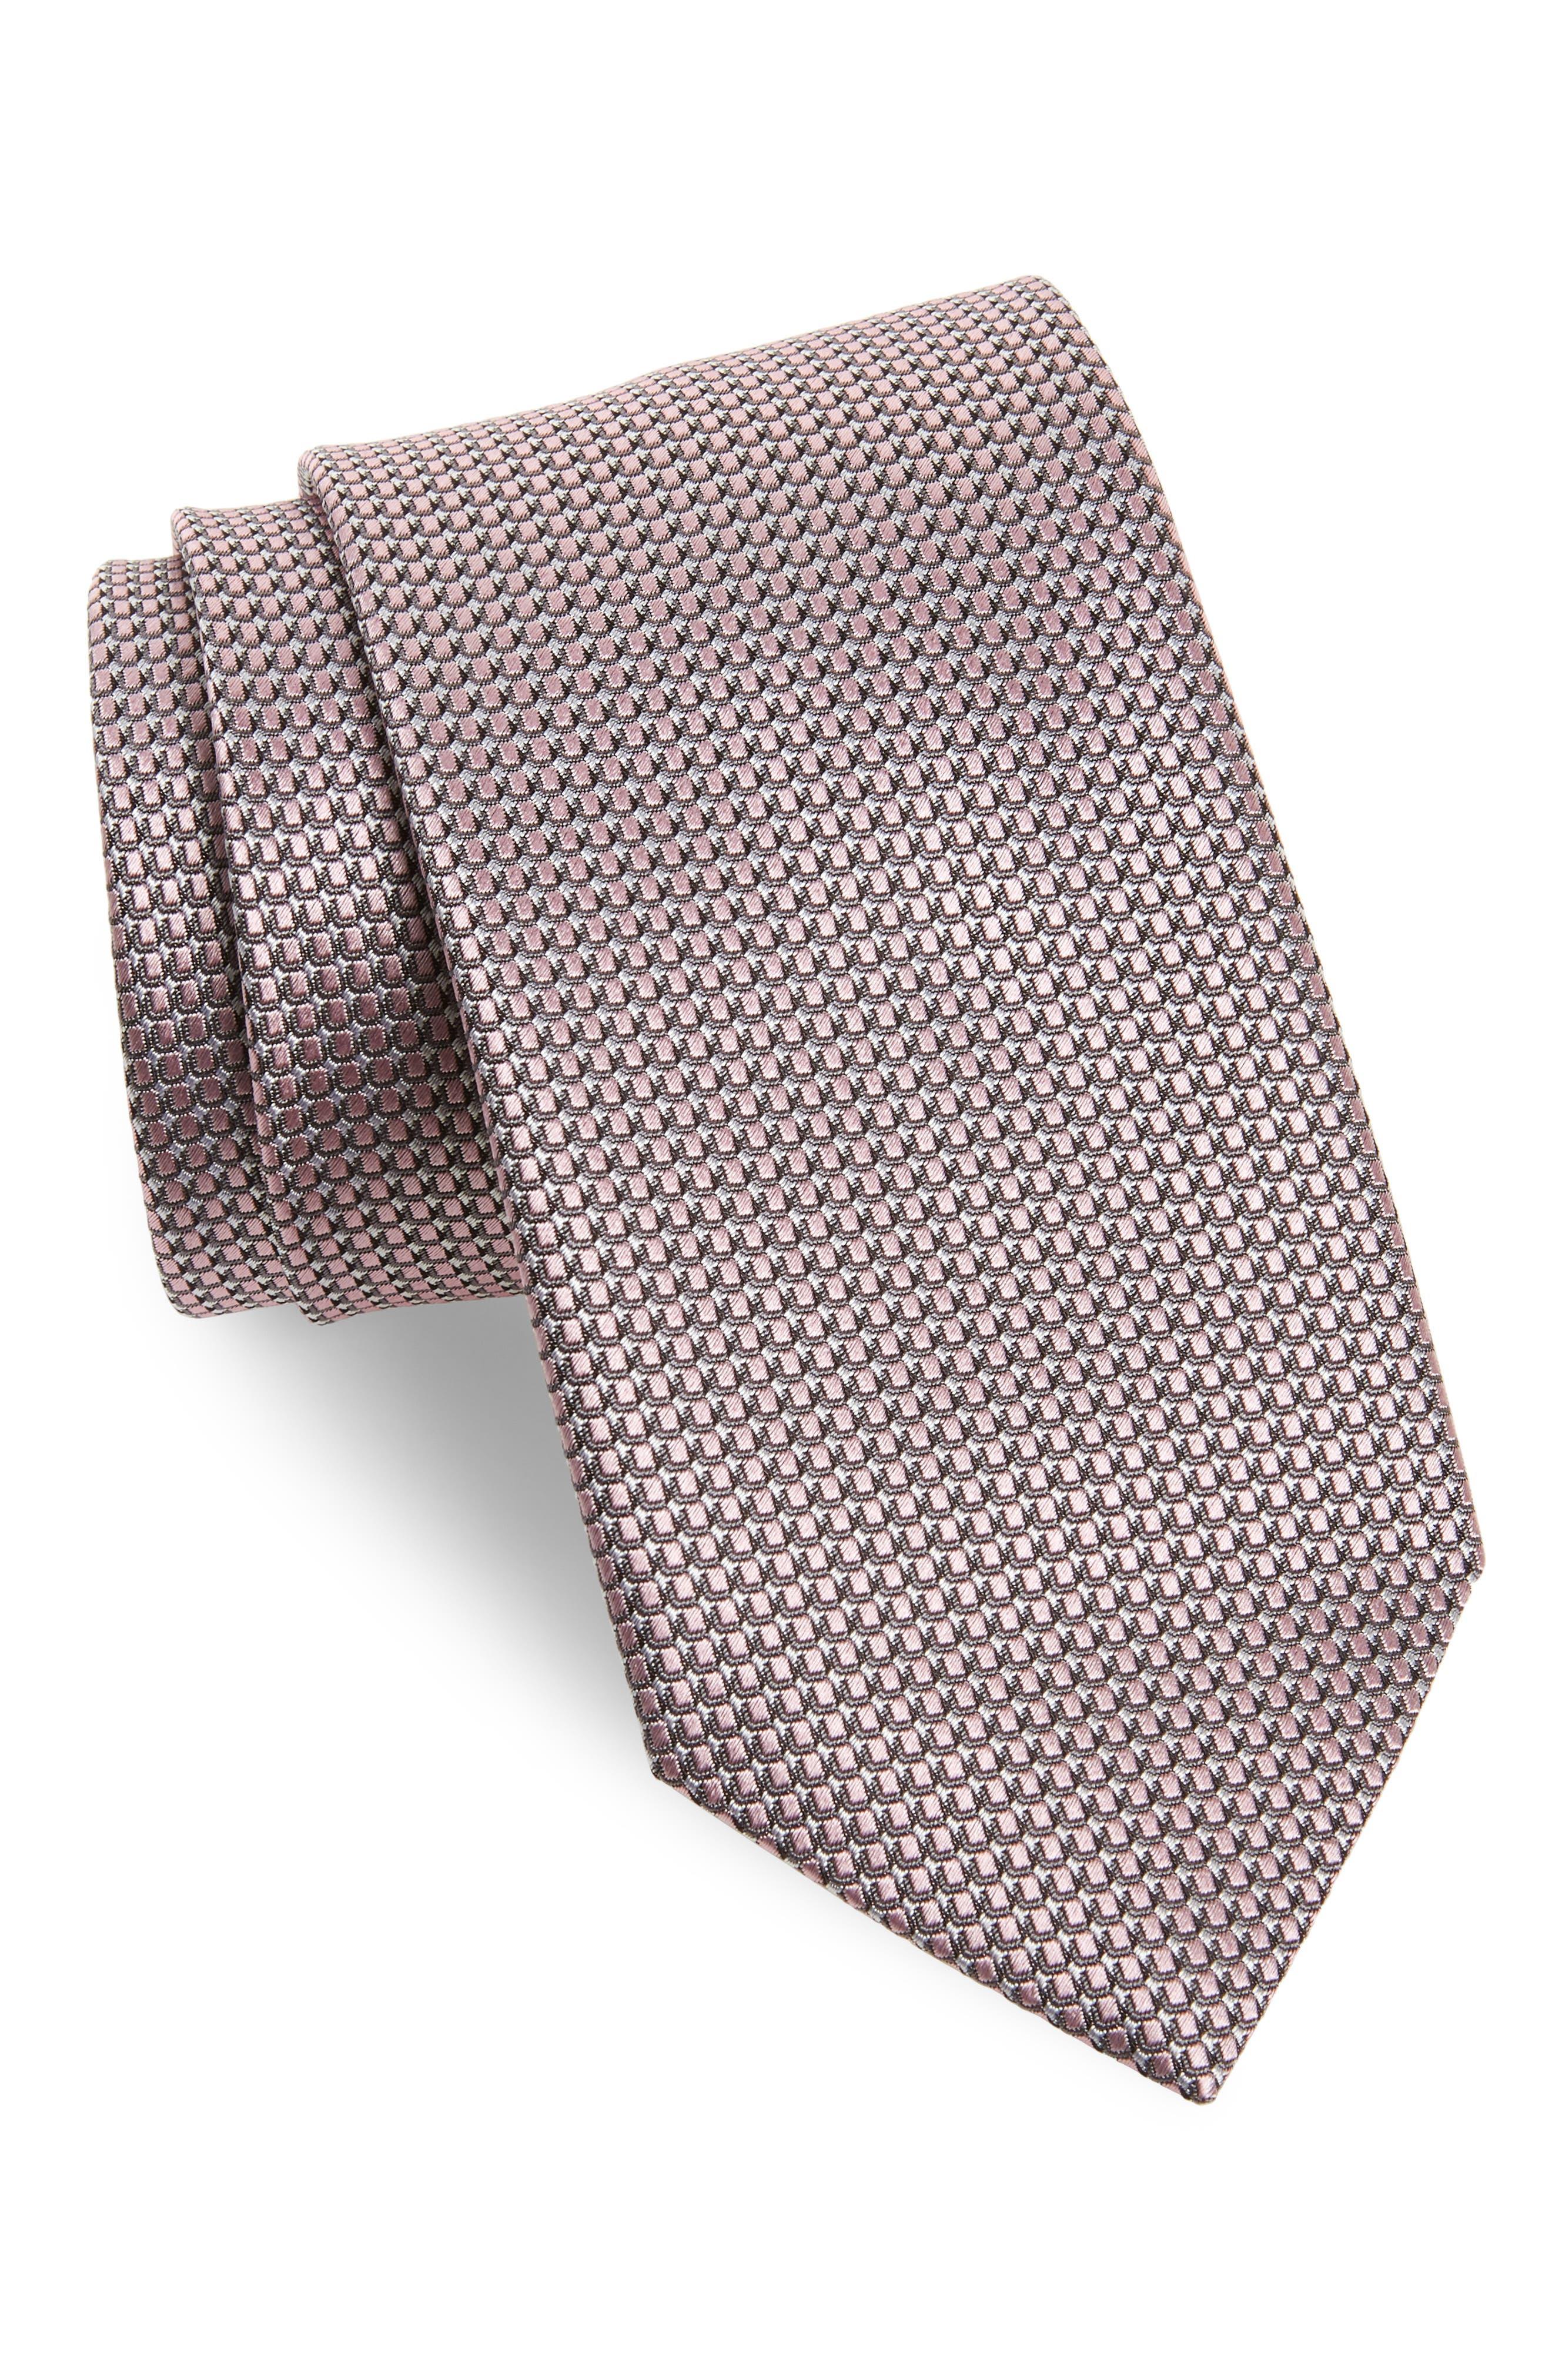 Solid Silk Tie,                         Main,                         color, Pink/ Grey